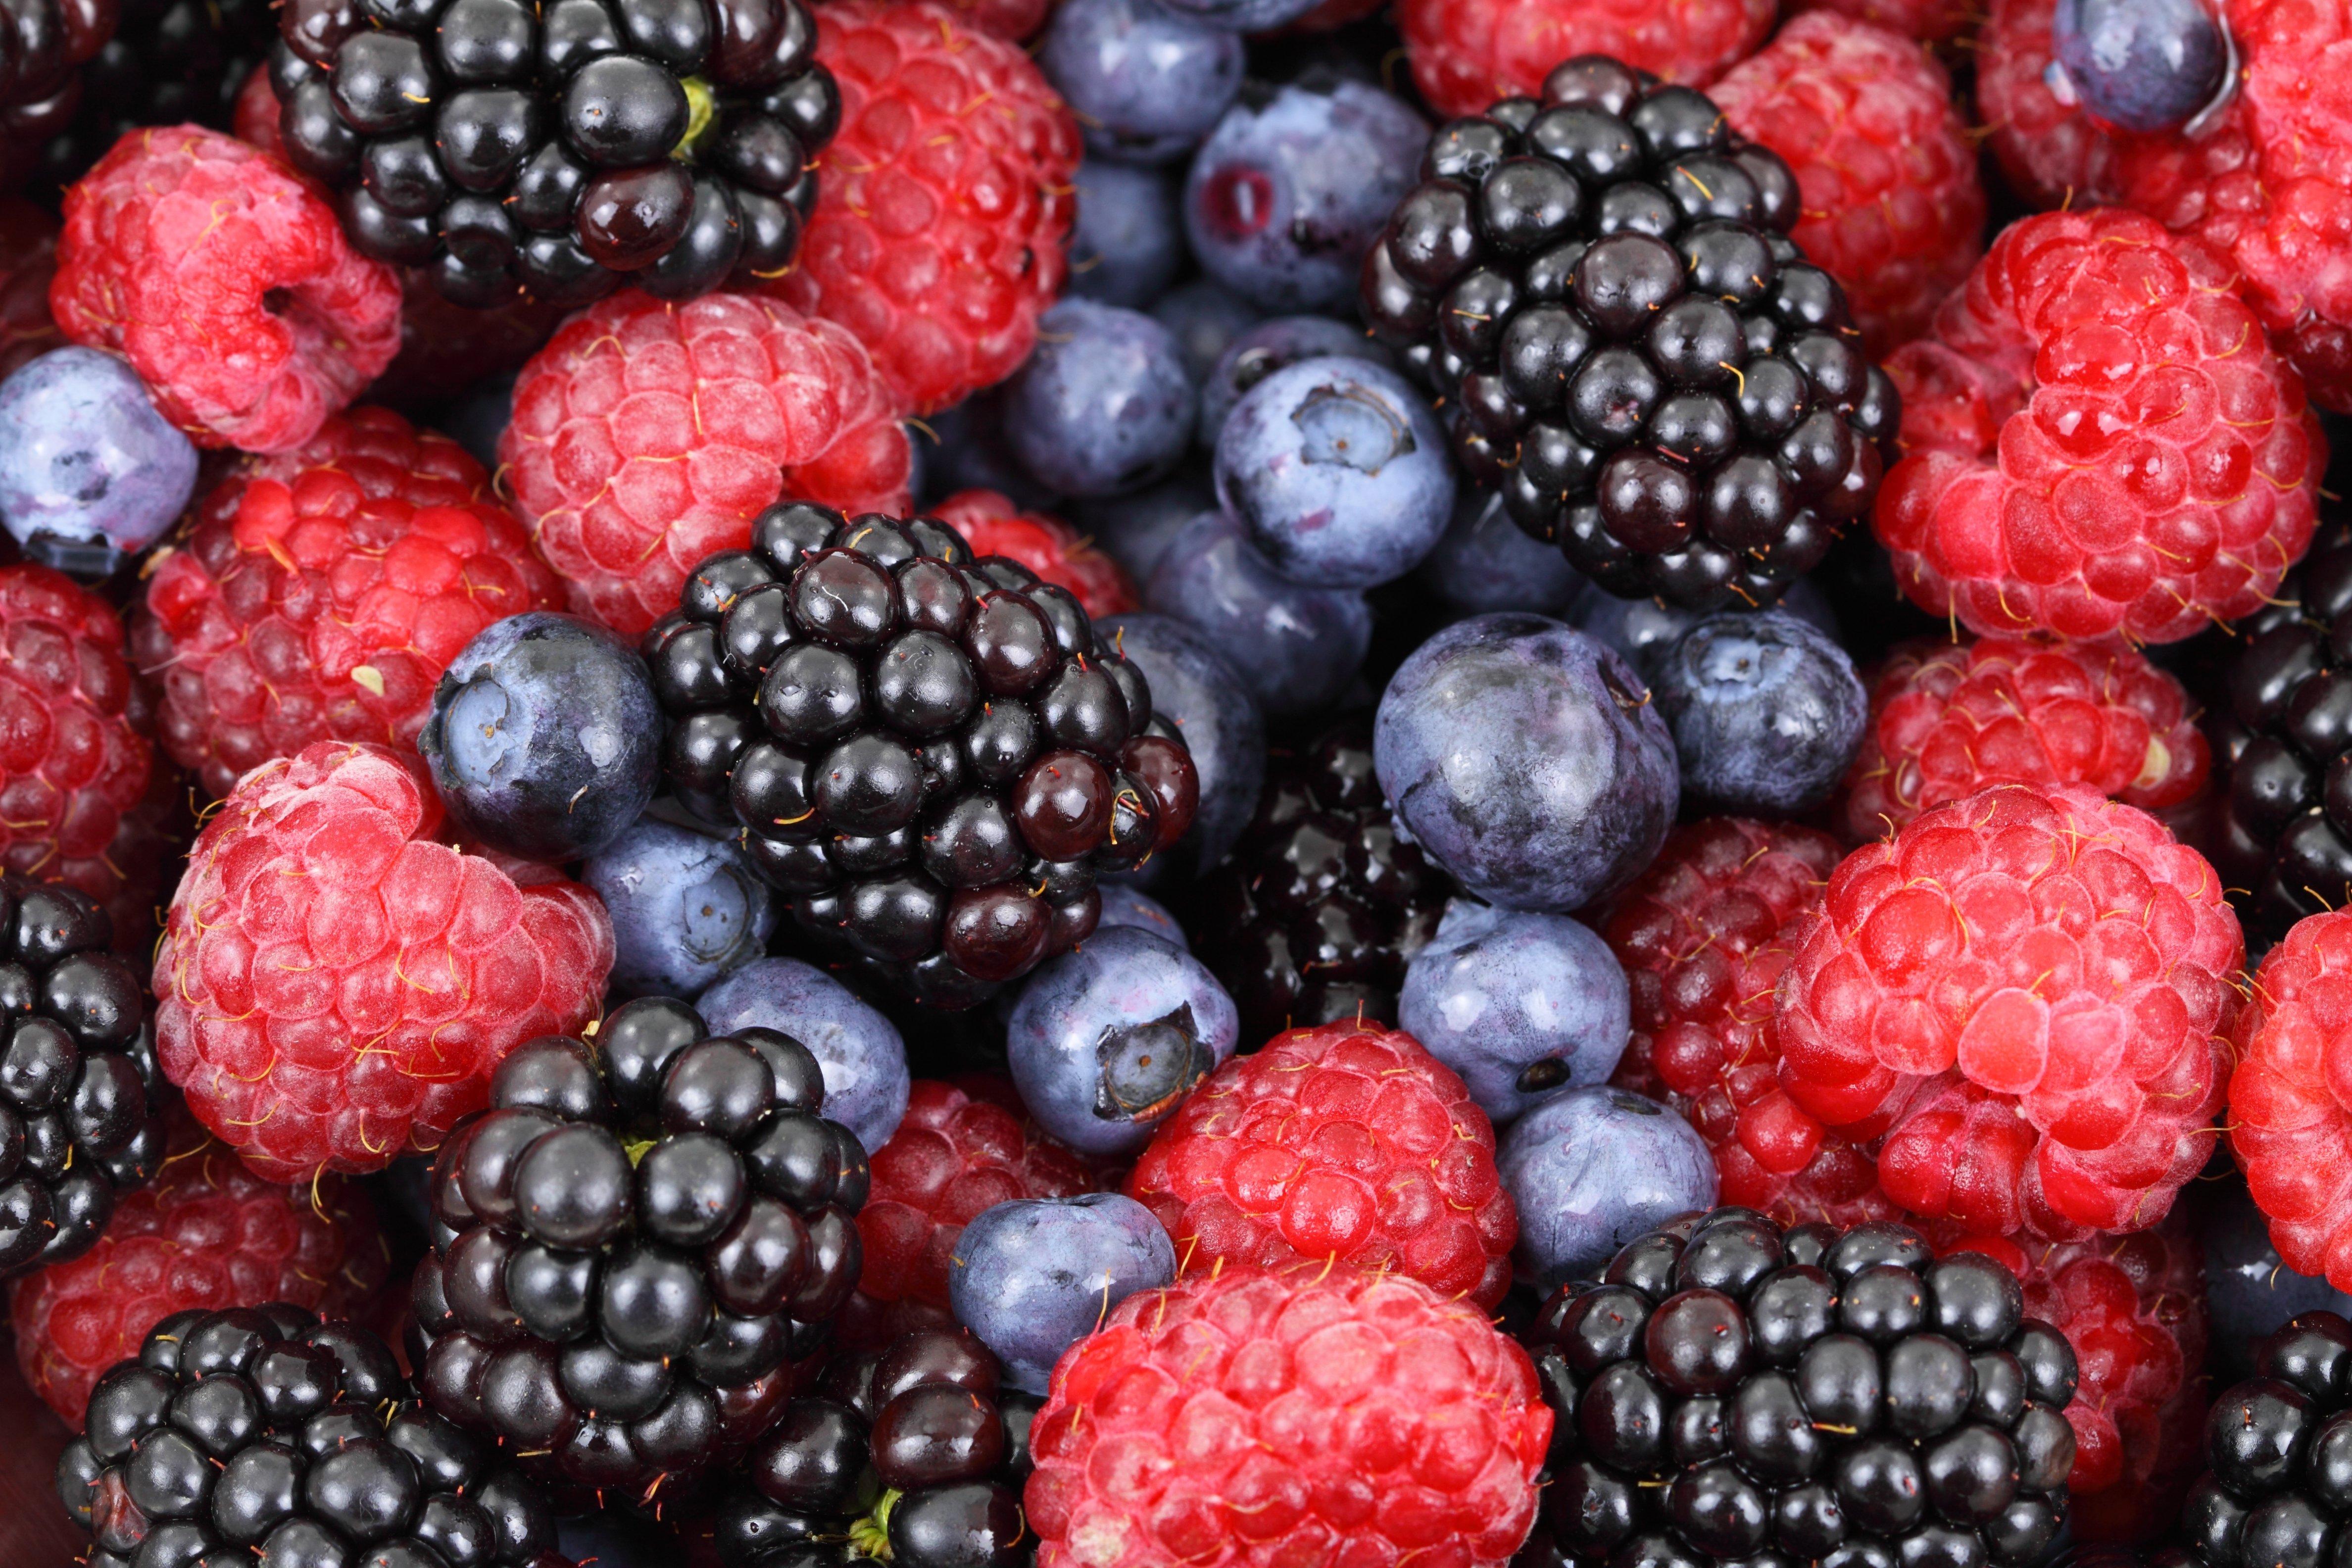 для дома фото ягод и фруктов в хорошем качестве янькова встретилась